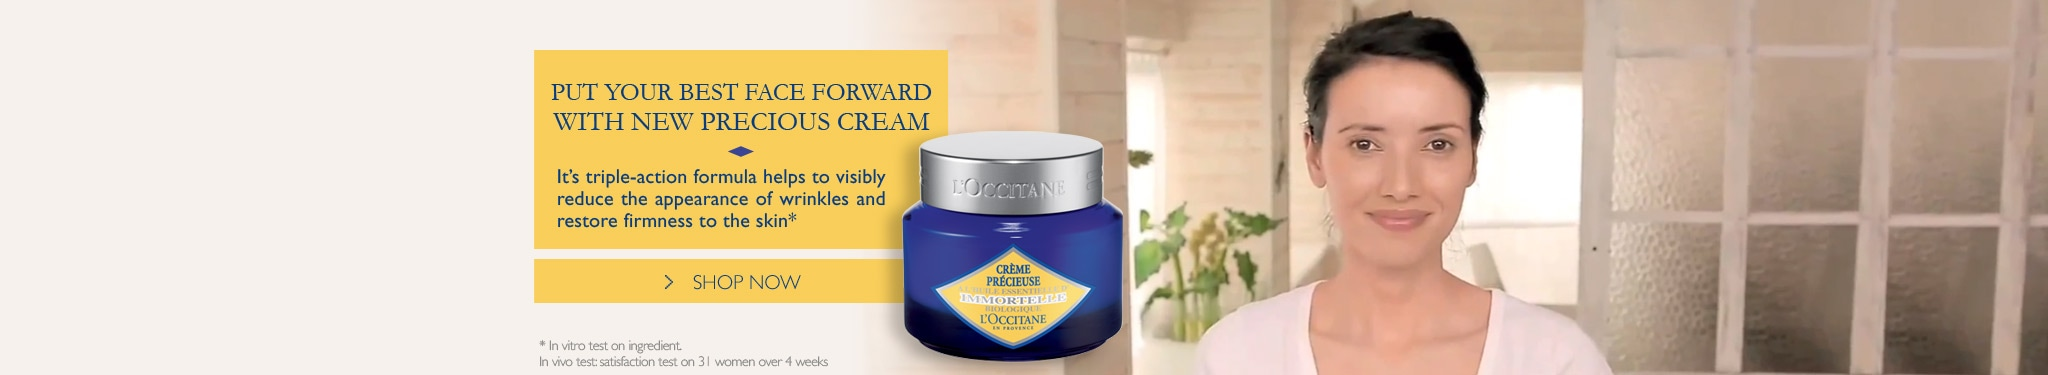 NEW Precious Cream